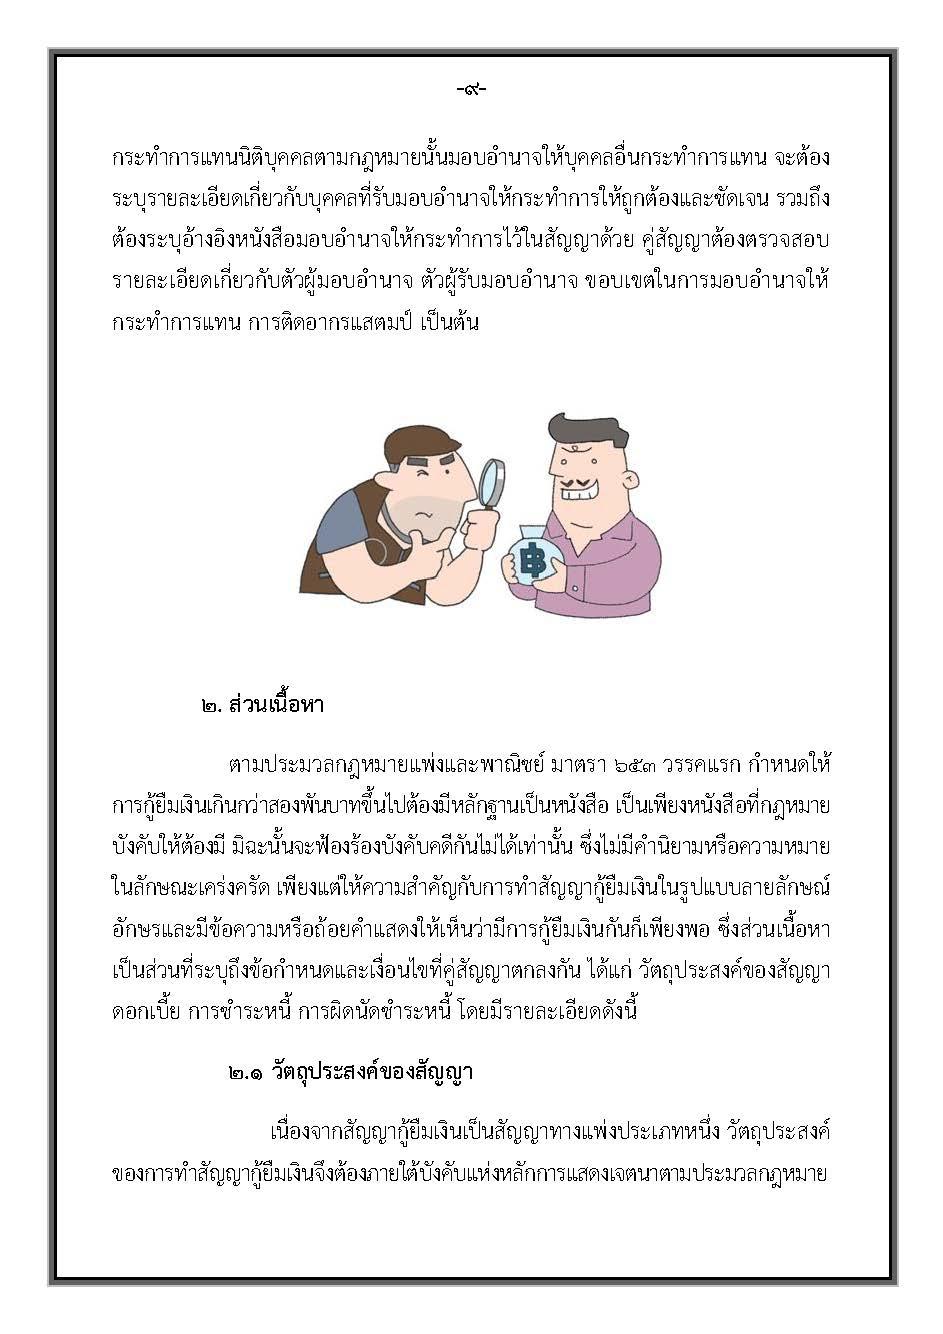 คำแนะนำ-สัญญากู้ยืมเงิน_Page_13